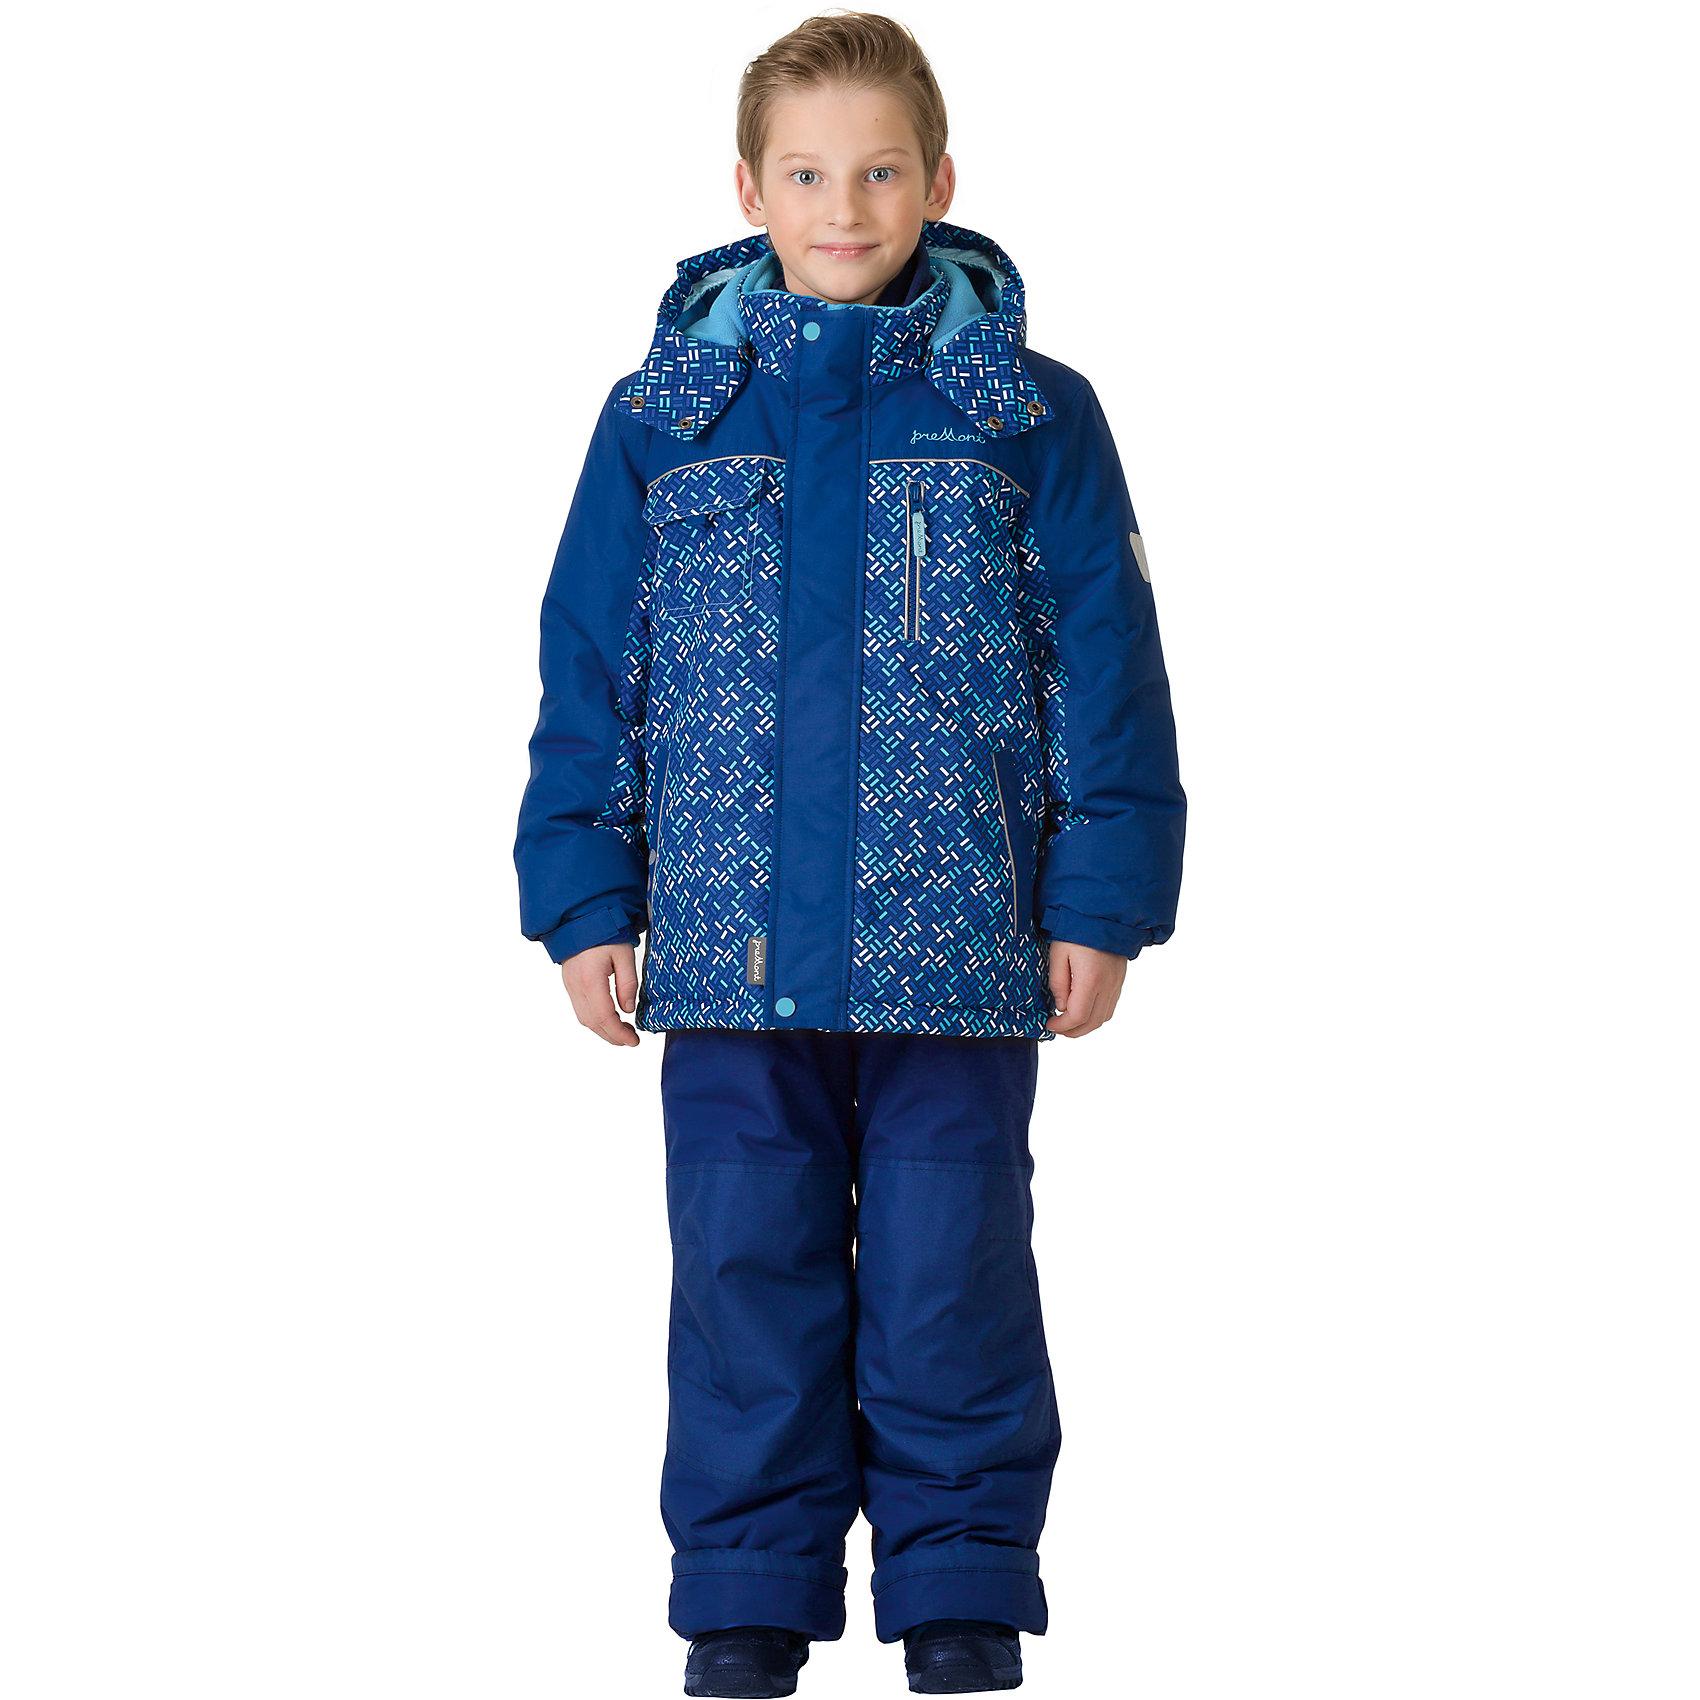 Комплект: куртка и брюки Premont для мальчикаВерхняя одежда<br>Характеристики товара:<br><br>• цвет: синий<br>• комплектация: куртка и брюки<br>• состав ткани: Taslan<br>• подкладка: Polar fleece, Taffeta<br>• утеплитель: Tech-polyfill<br>• сезон: зима<br>• мембранное покрытие<br>• температурный режим: от -30 до +5<br>• водонепроницаемость: 5000 мм <br>• паропроницаемость: 5000 г/м2<br>• плотность утеплителя: куртка - 280 г/м2, брюки - 180 г/м2<br>• капюшон: съемный,  без меха<br>• застежка: молния<br>• страна бренда: Канада<br>• страна изготовитель: Китай<br><br>Модный зимний комплект для ребенка усилен специальной износостойкой тканью. Теплый зимний детский комплект сделан с применением мембранной технологии. Детский теплый комплект дополнен светоотражающими элементами, лямками, планкой от ветра и карманами на липучках. Мягкая подкладка комплекта для детей делает его теплым и комфортным. <br><br>Комплект: куртка и брюки для мальчика Premont (Премонт) можно купить в нашем интернет-магазине.<br><br>Ширина мм: 356<br>Глубина мм: 10<br>Высота мм: 245<br>Вес г: 519<br>Цвет: синий<br>Возраст от месяцев: 156<br>Возраст до месяцев: 168<br>Пол: Мужской<br>Возраст: Детский<br>Размер: 164,92,98,100,104,110,116,120,122,128,140,152<br>SKU: 7088409